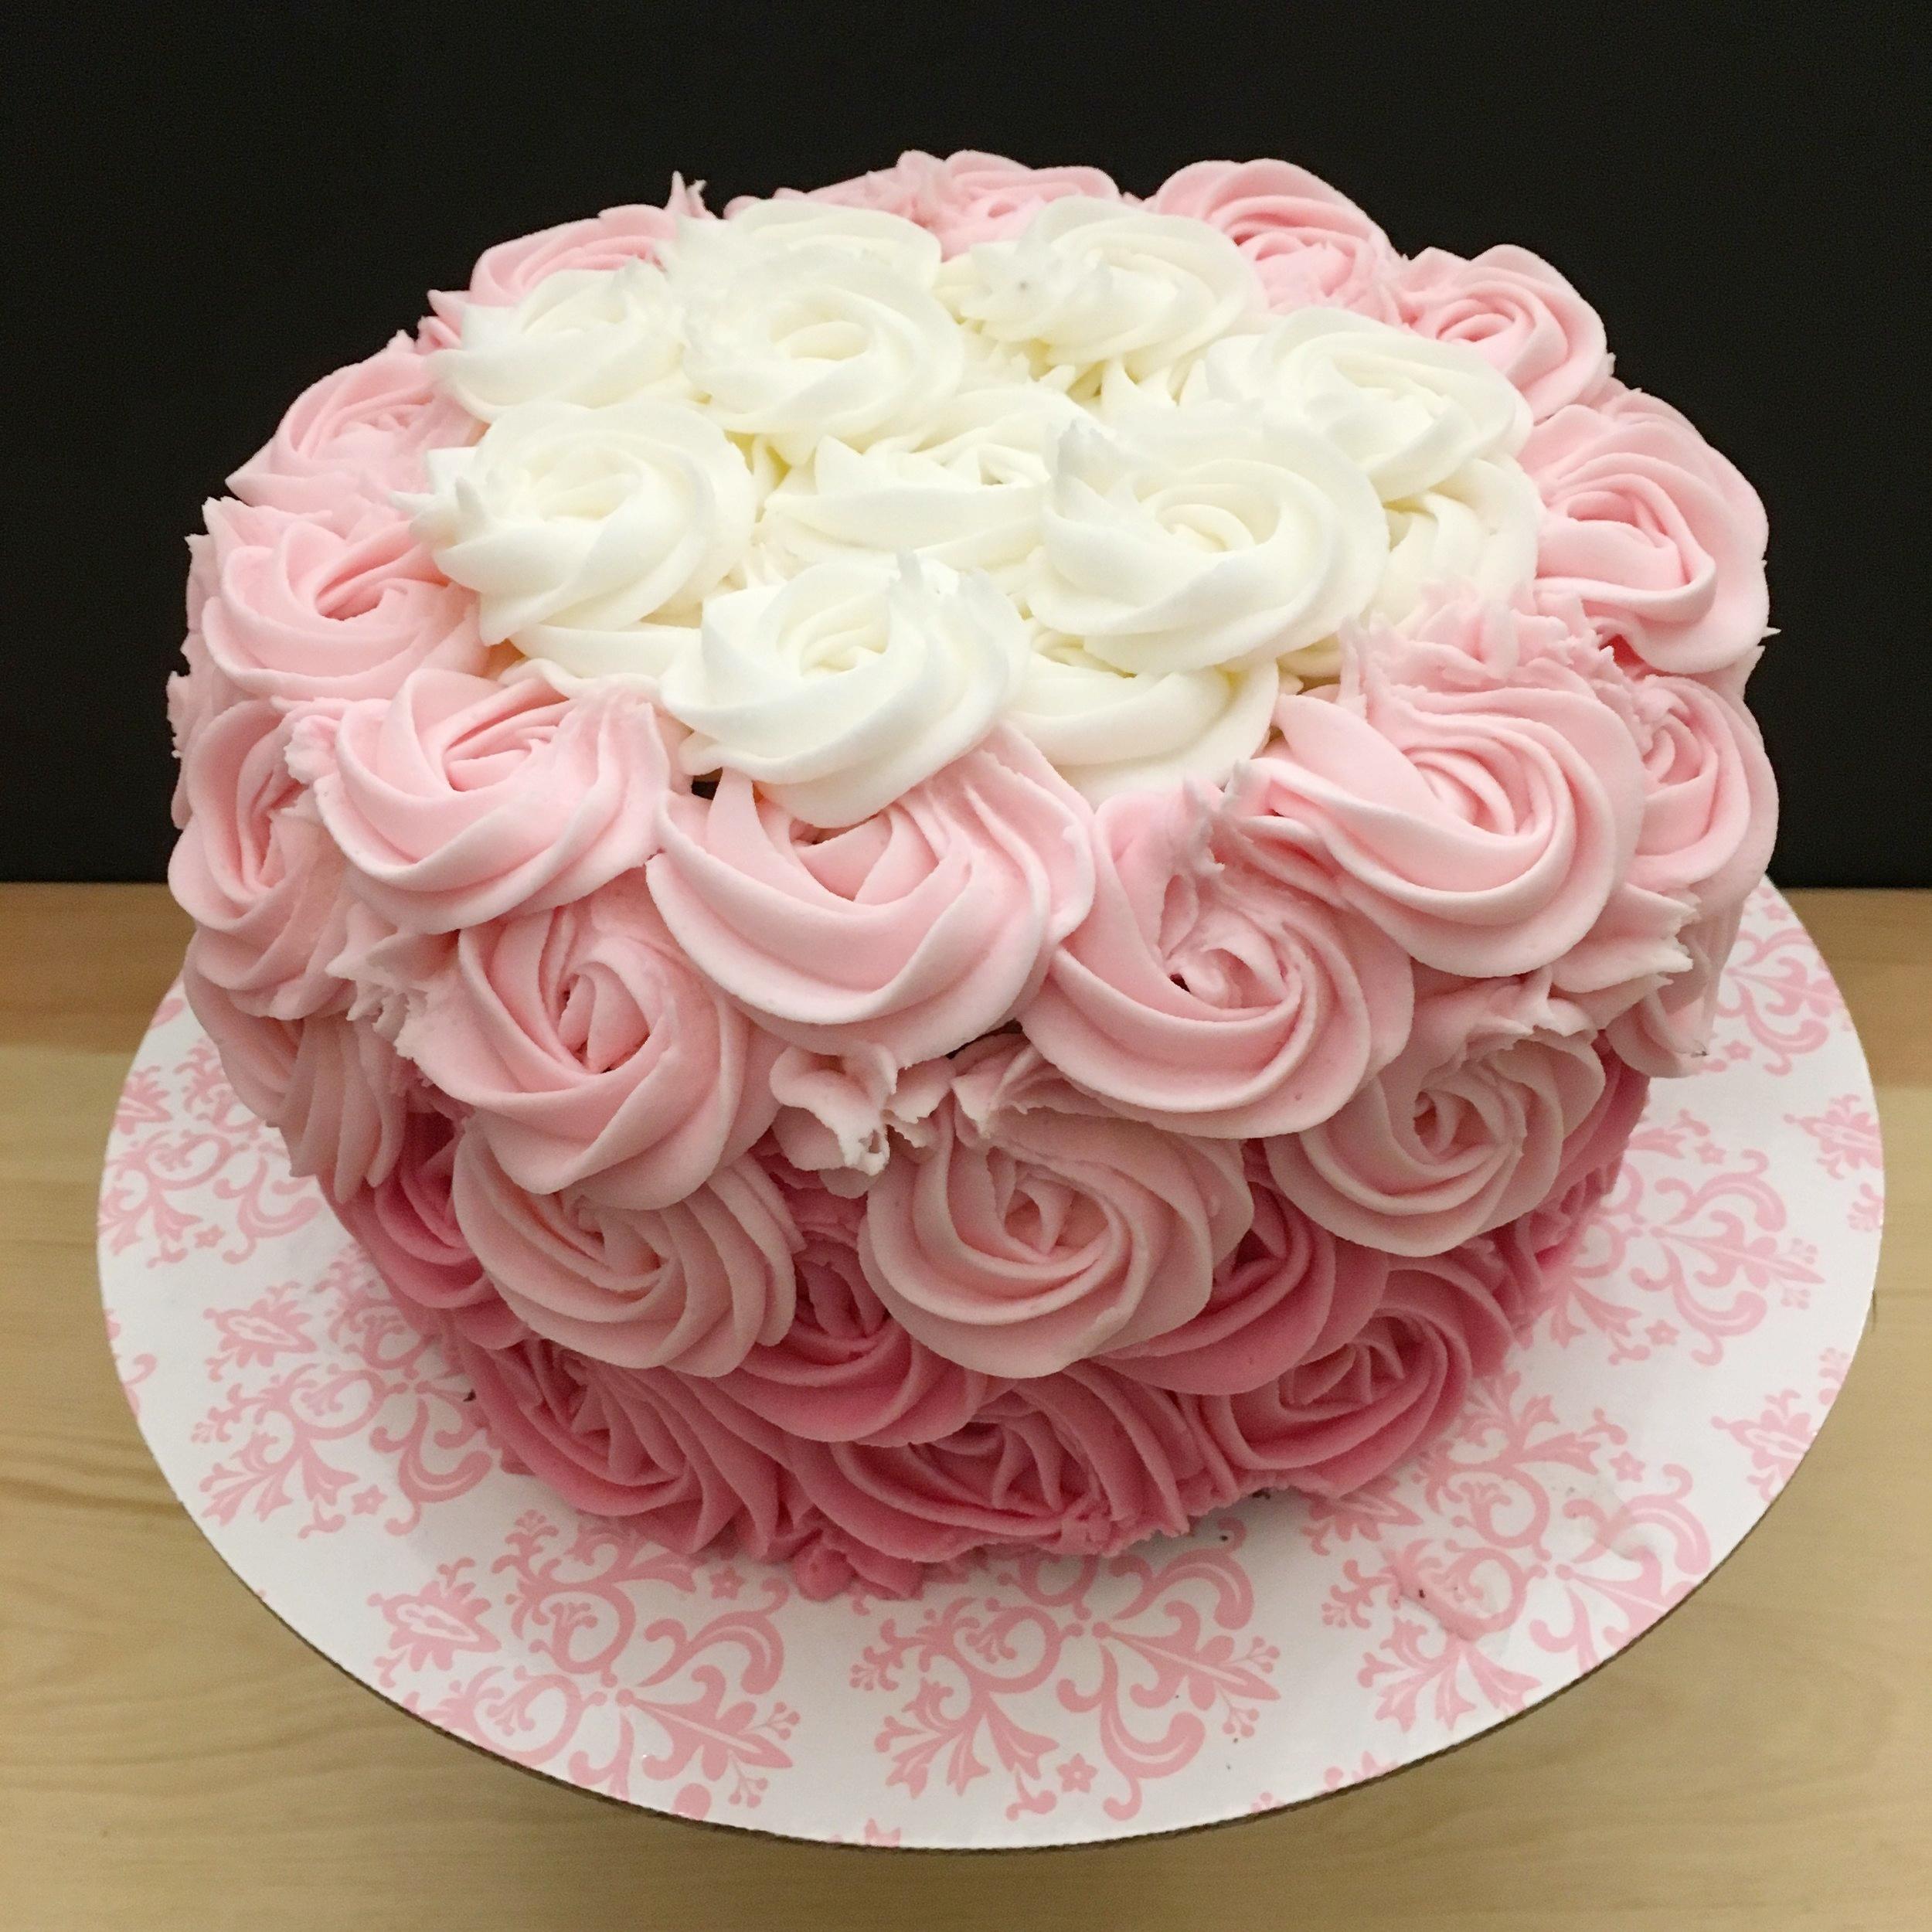 PInk Rosette Cake.JP